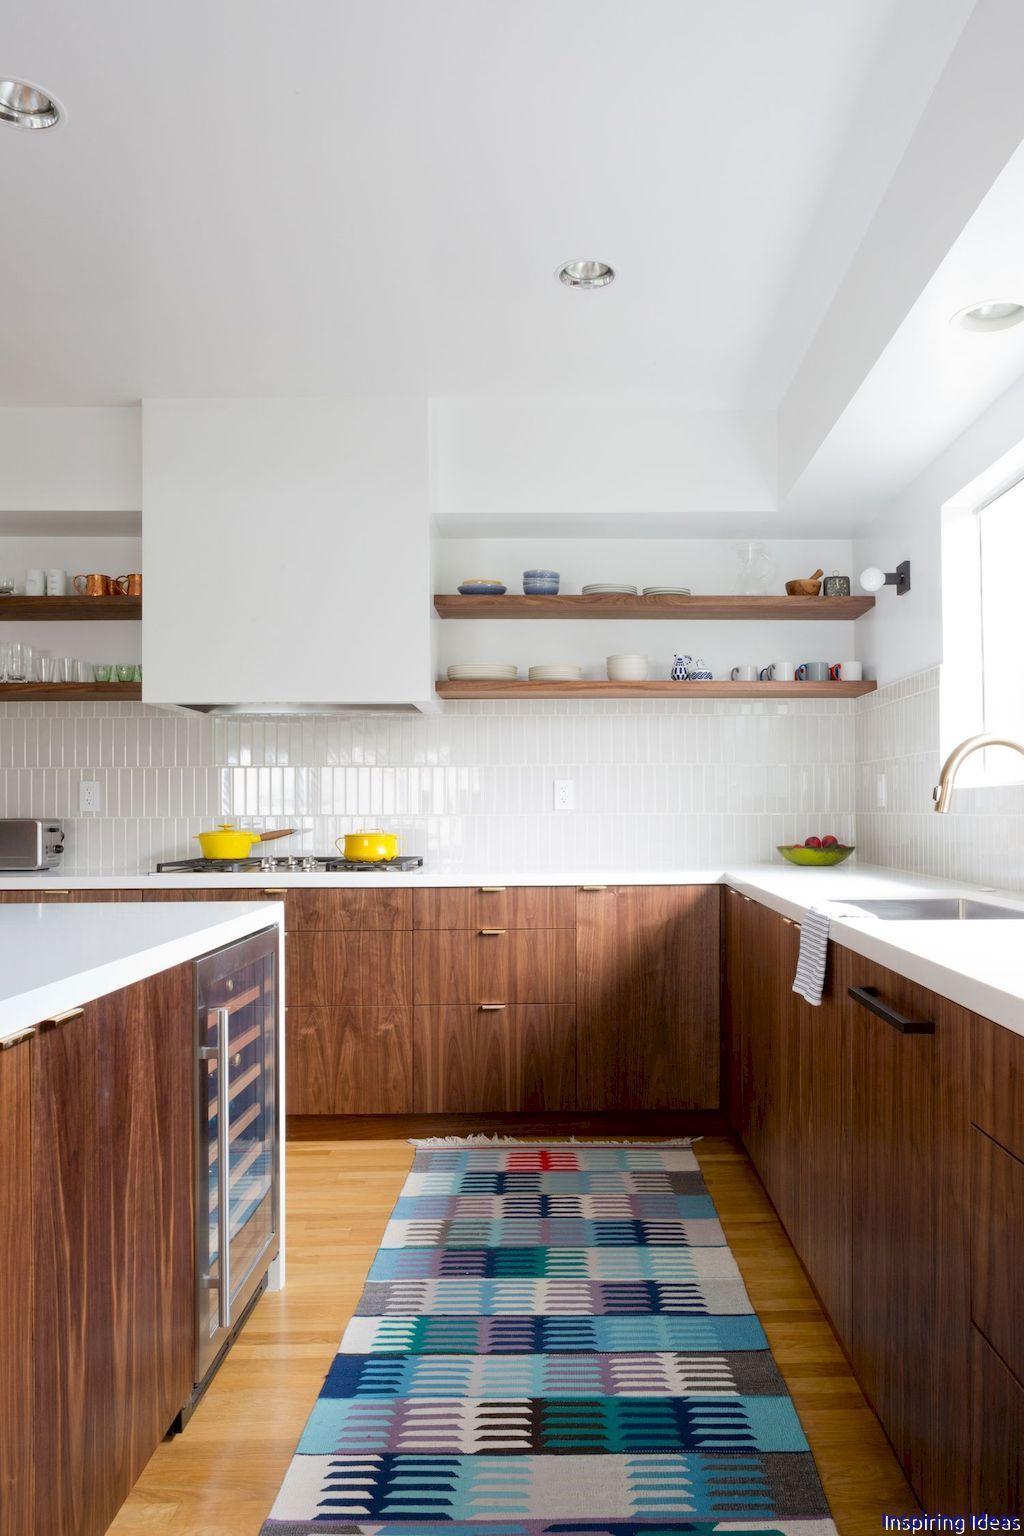 075 Stunning Midcentury Modern Kitchen Backsplash Design